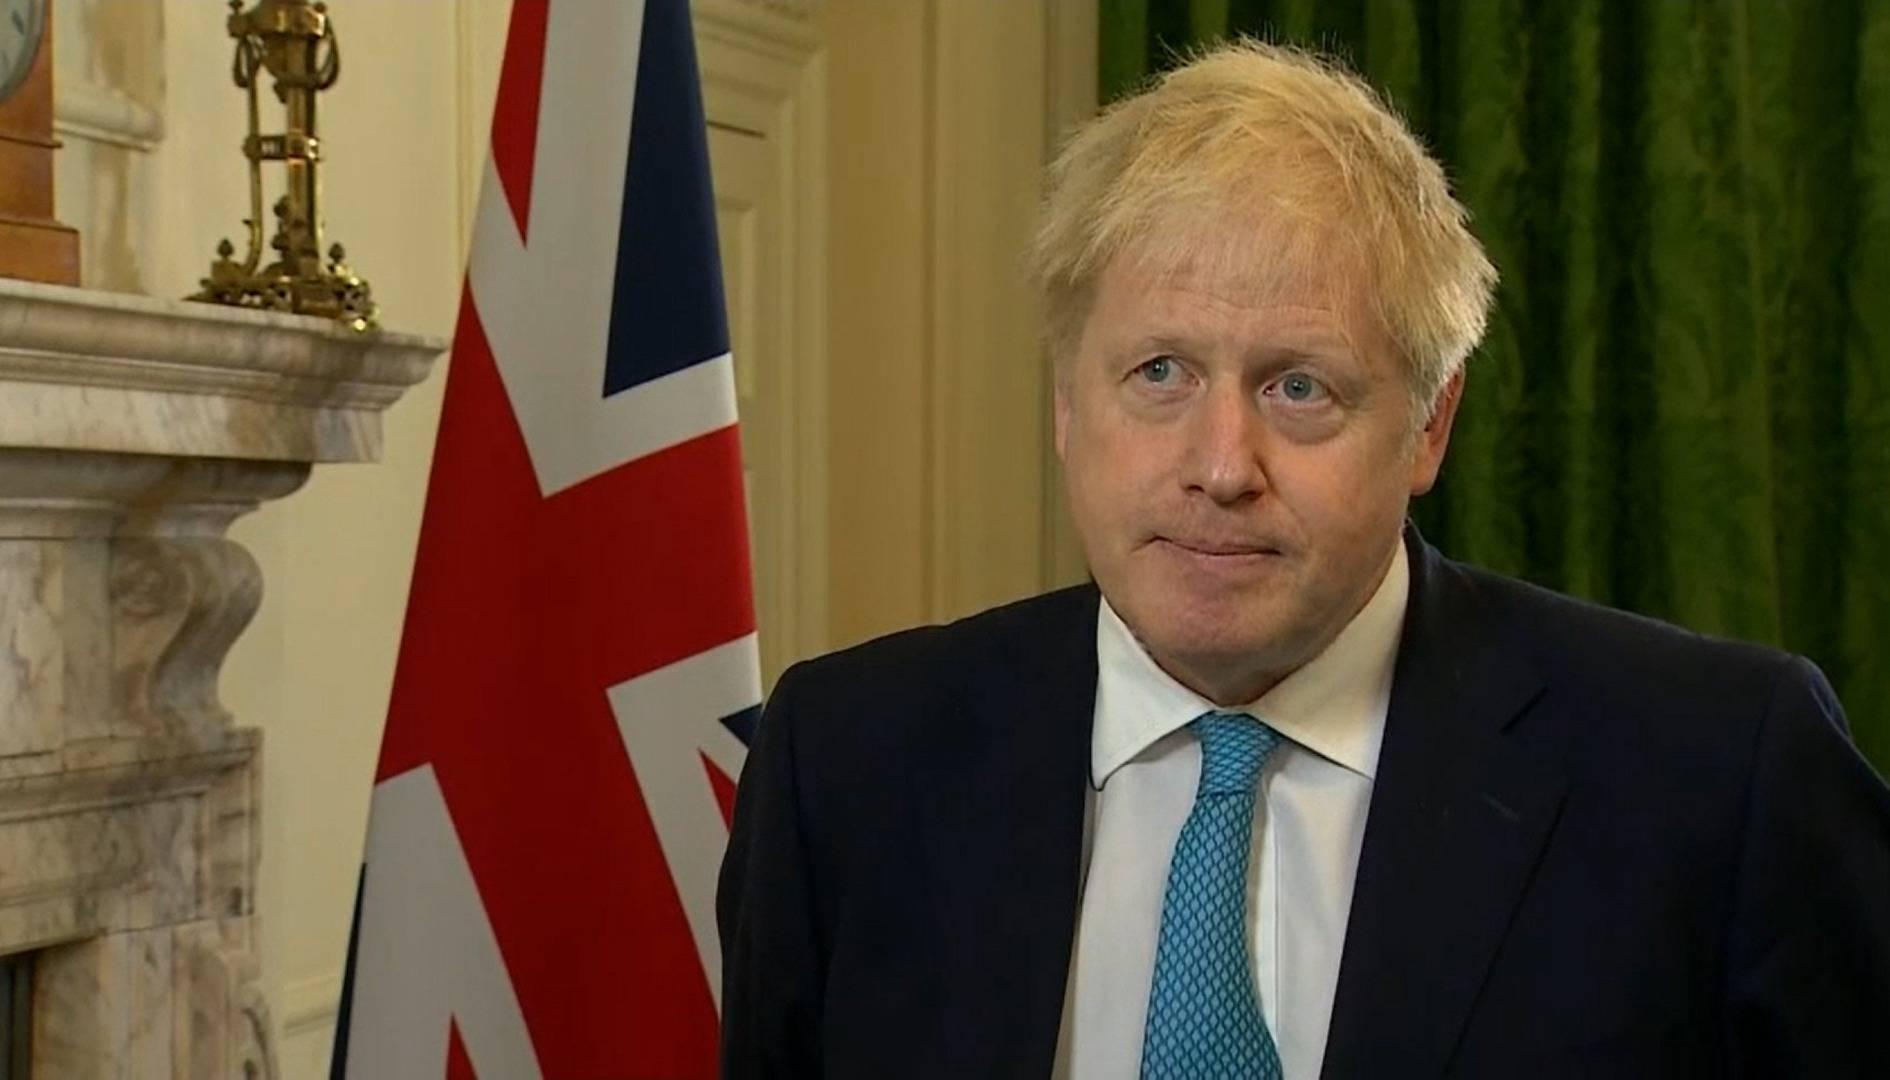 约翰逊称英国必须为无协议脱欧做准备,只为逼迫欧盟贸易谈判让步?